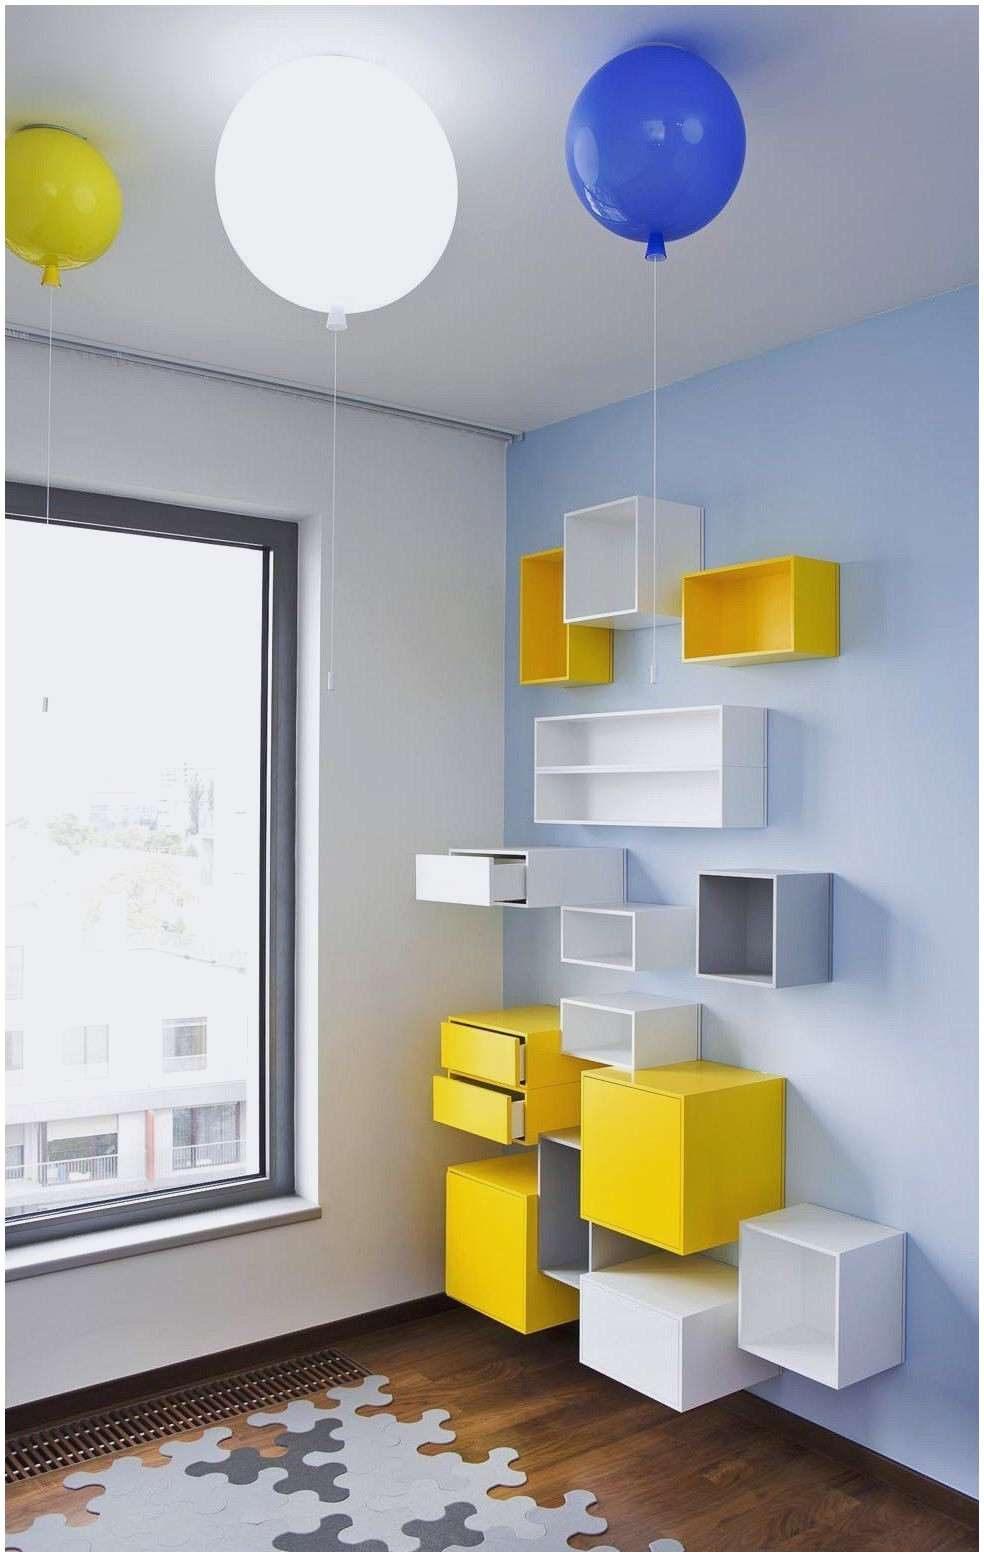 Lit Mezzanine Sur Mesure Agréable 68 Lit Mezzanine Ado Concept Jongor4hire